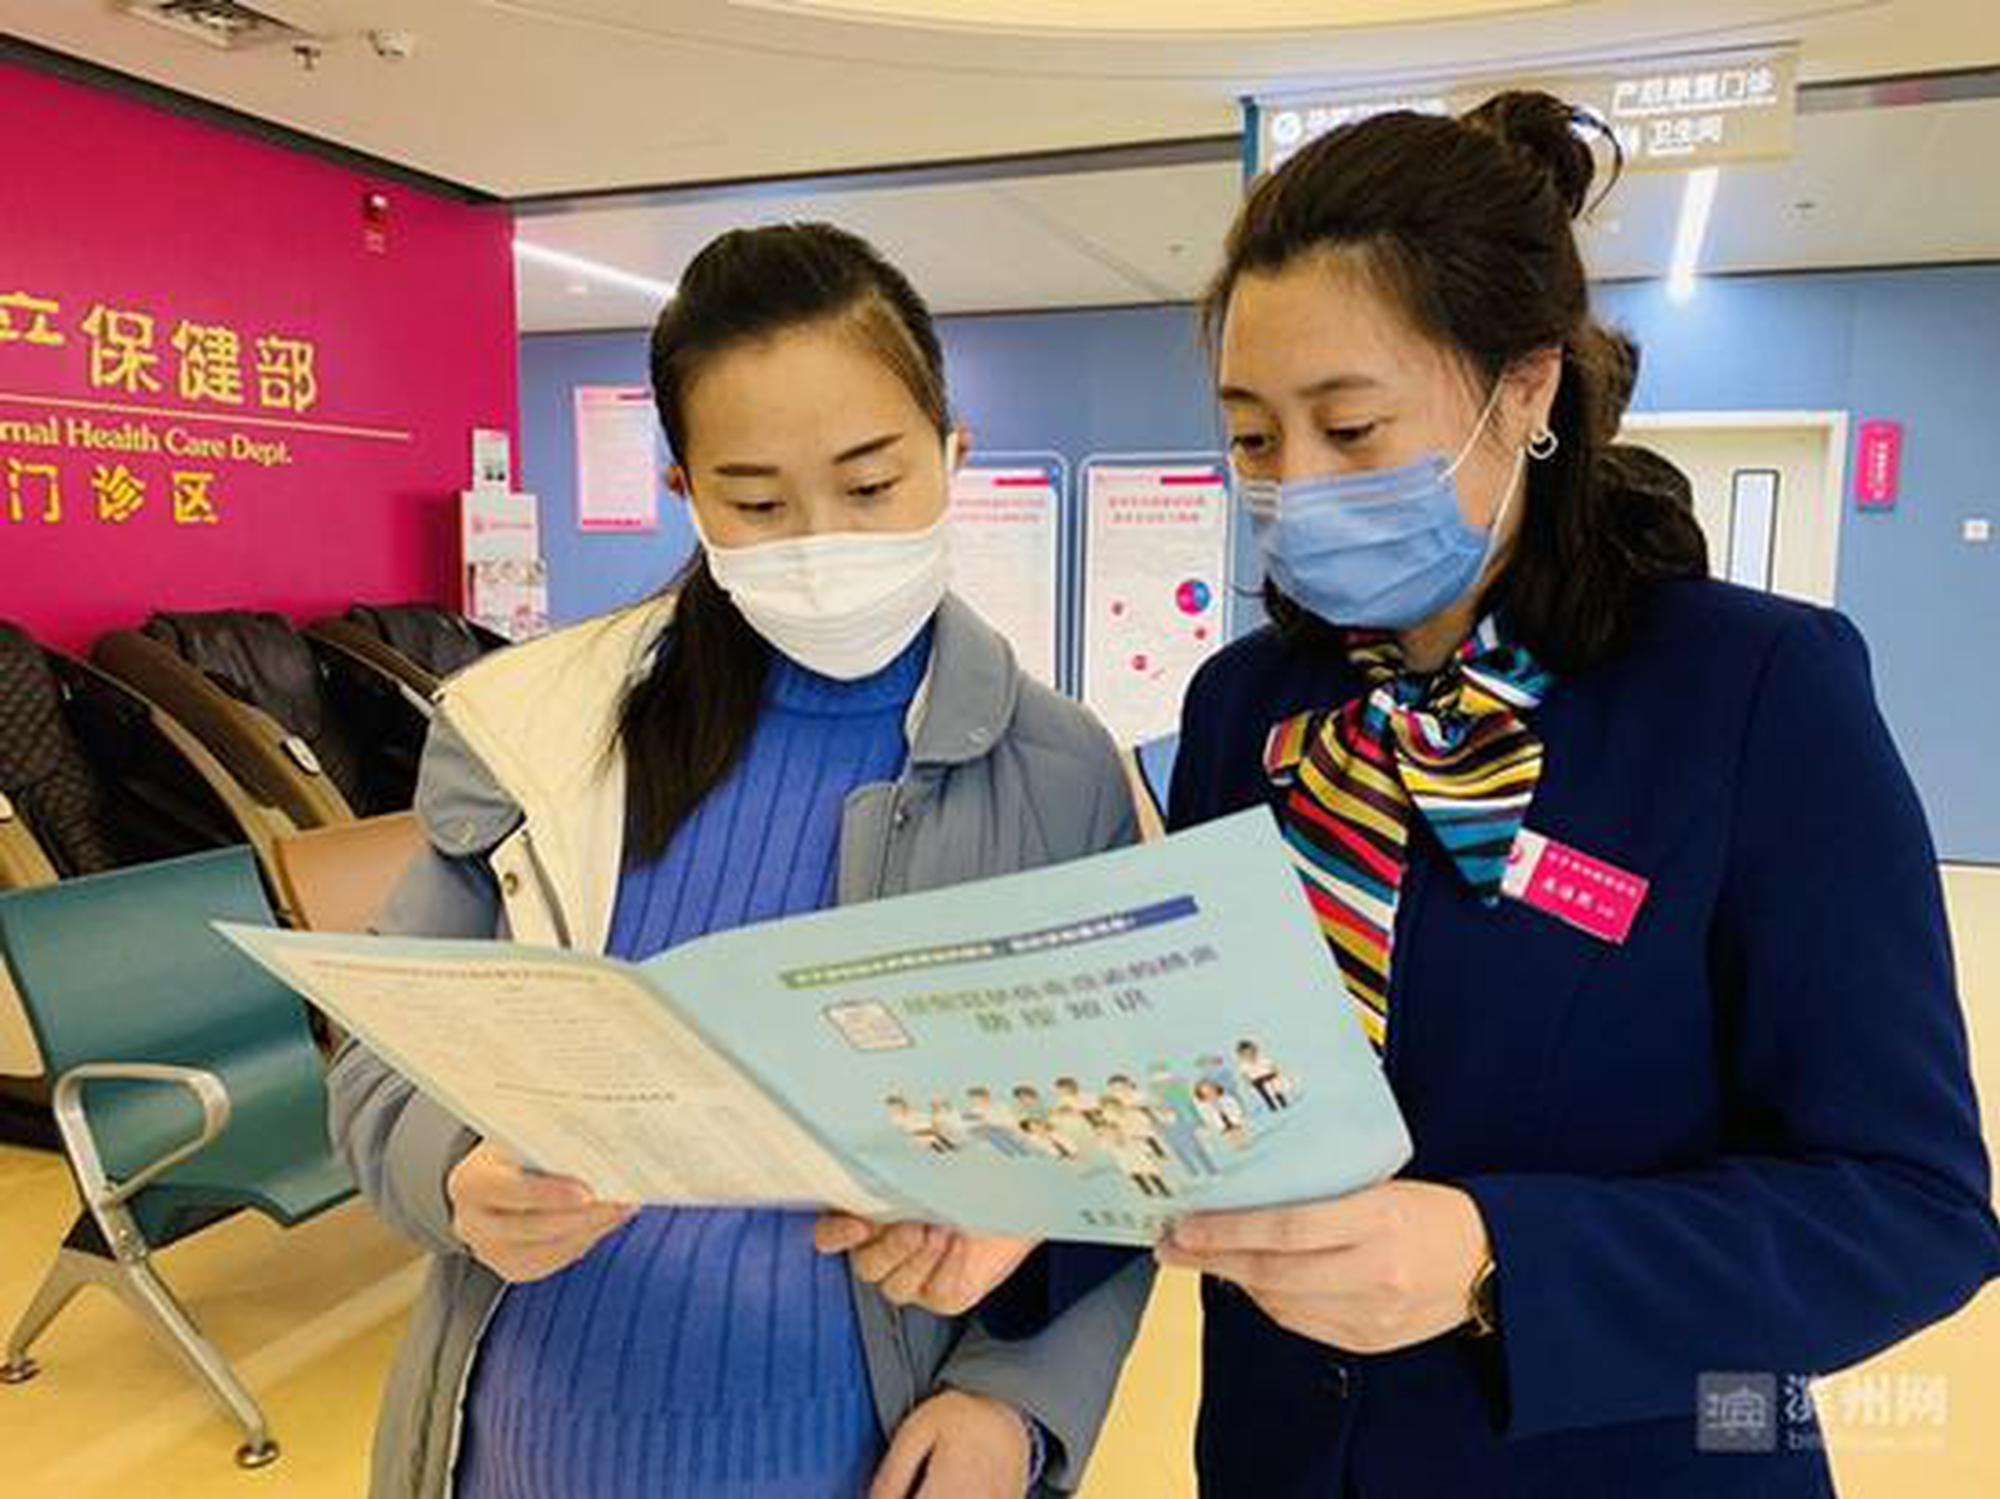 滨州发放《新冠肺炎防控知识》手册